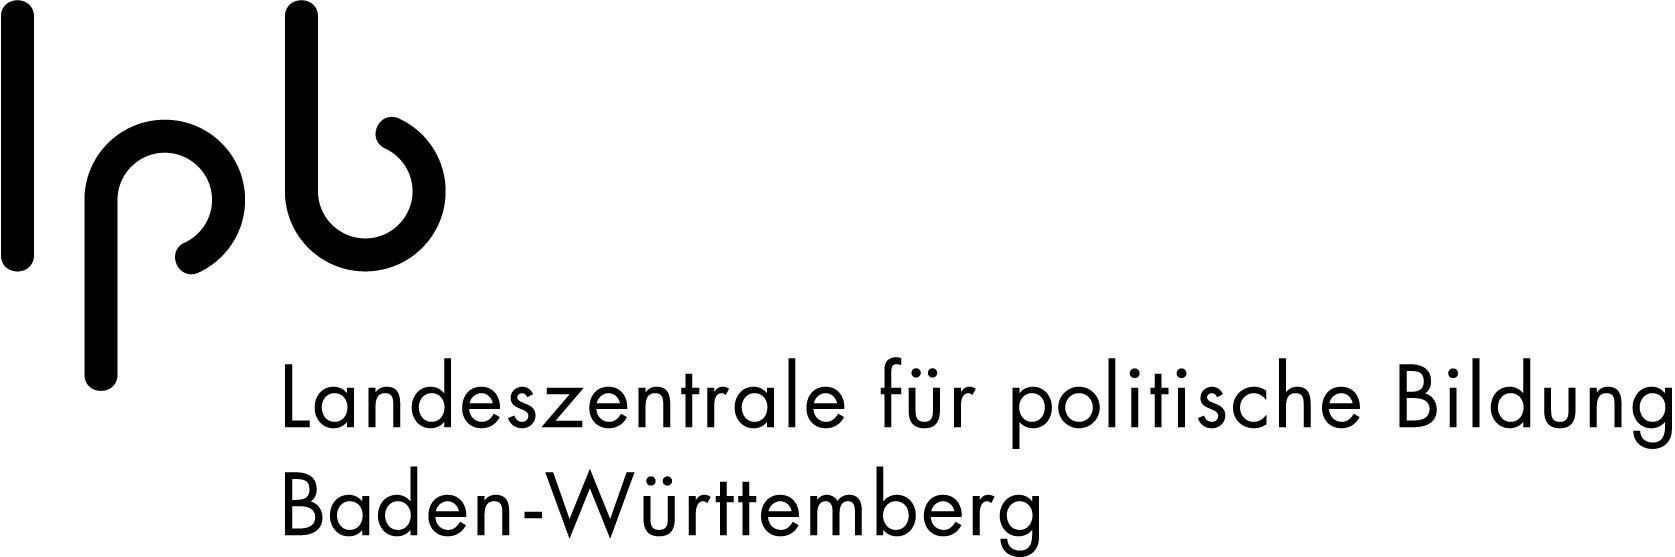 Logo lpb